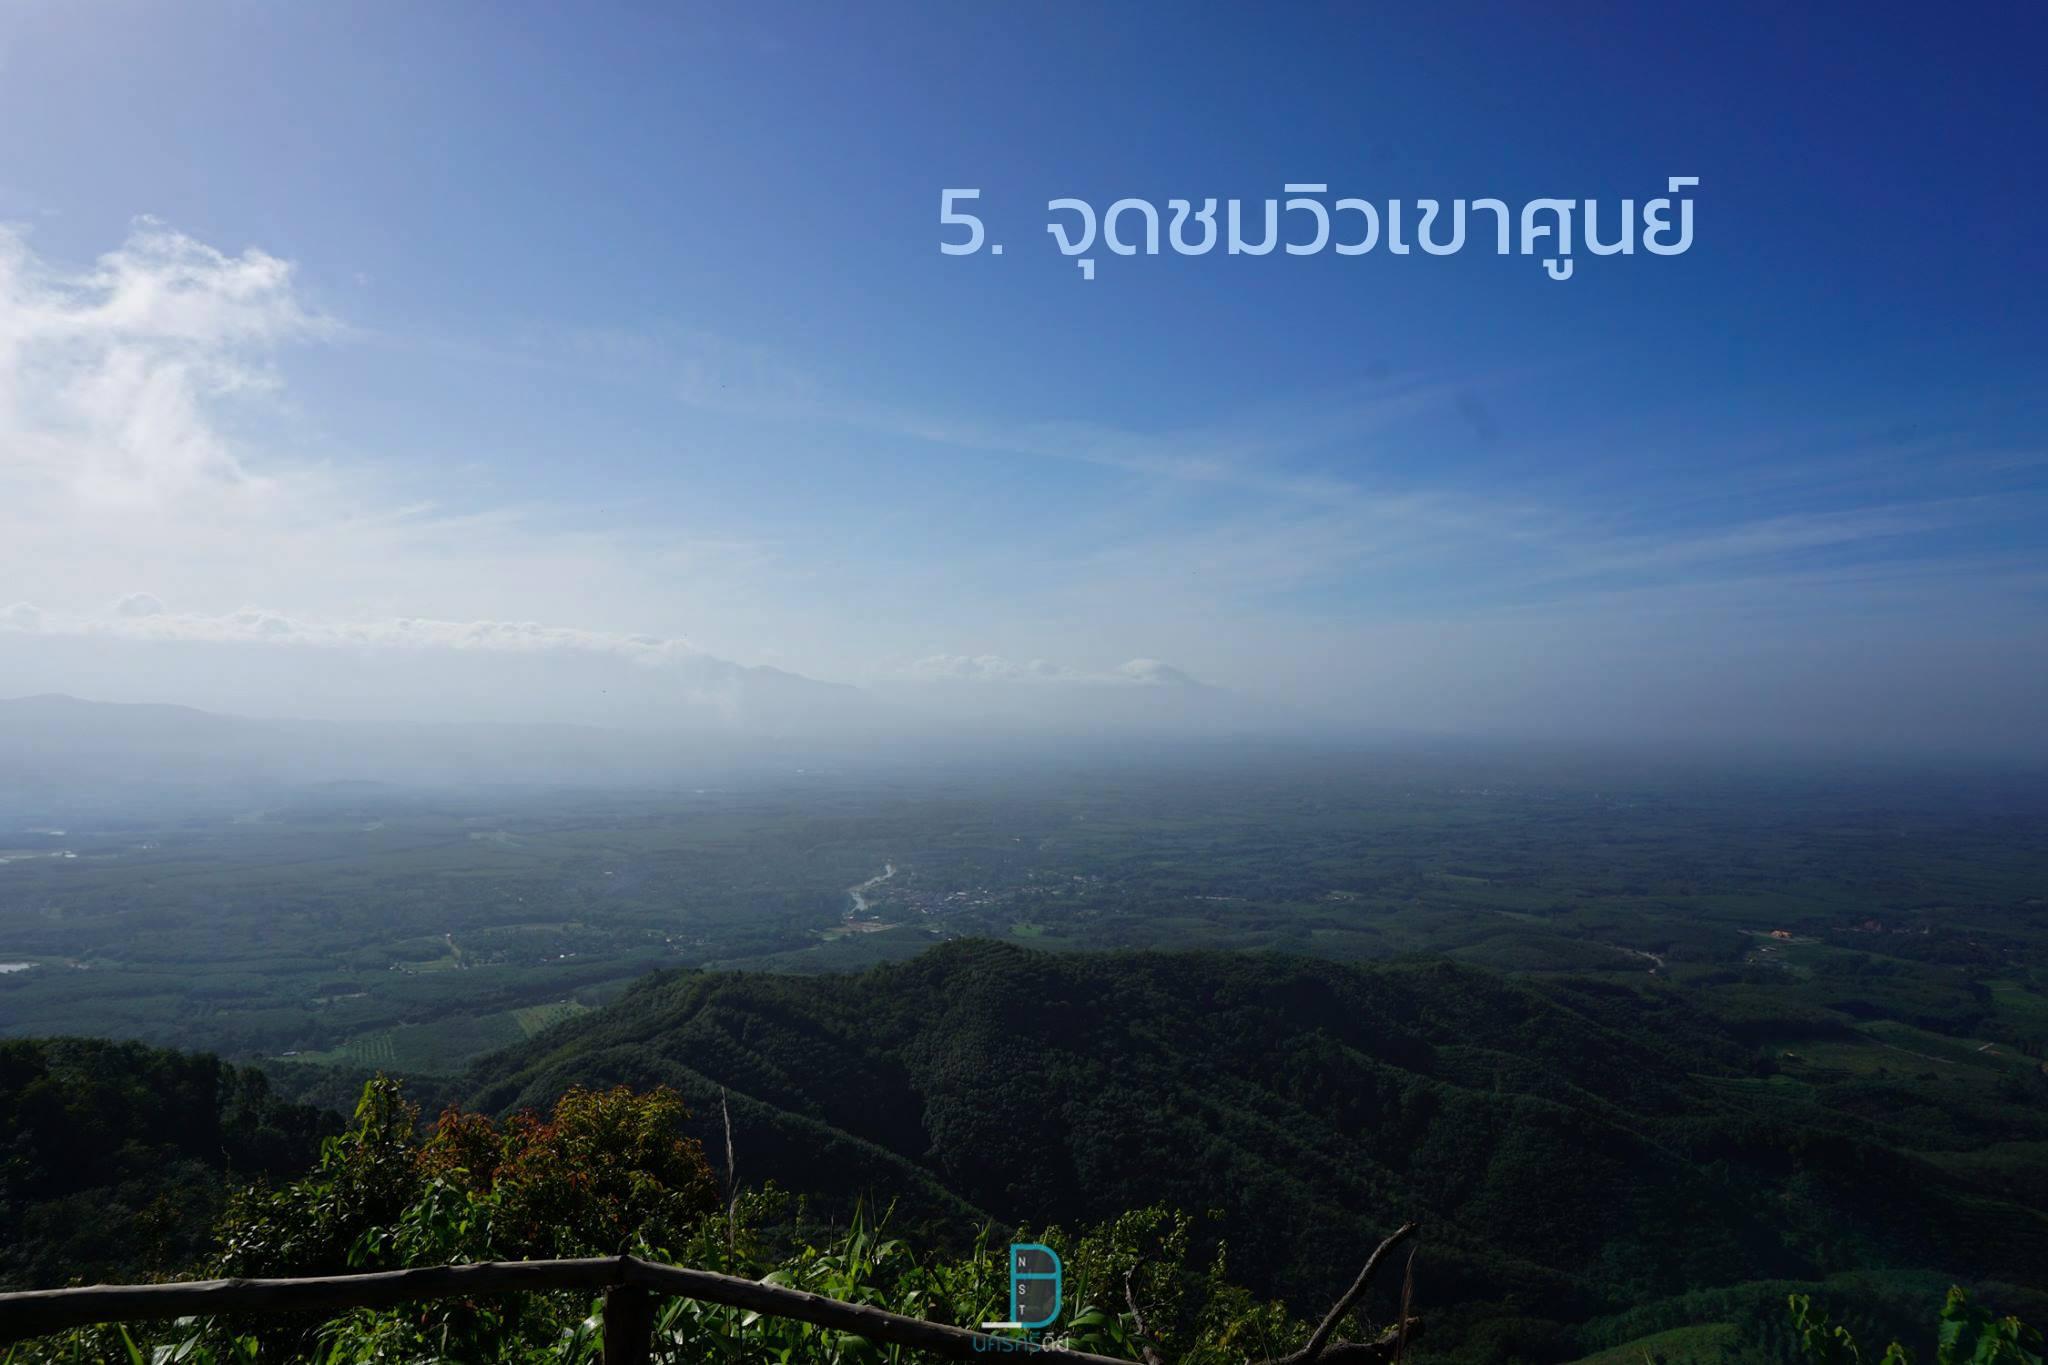 8 จุดเช็คพ้อย นครศรีธรรมราช ทะเล-ป่าเขา-ธรรมชาติ นครศรีดีย์